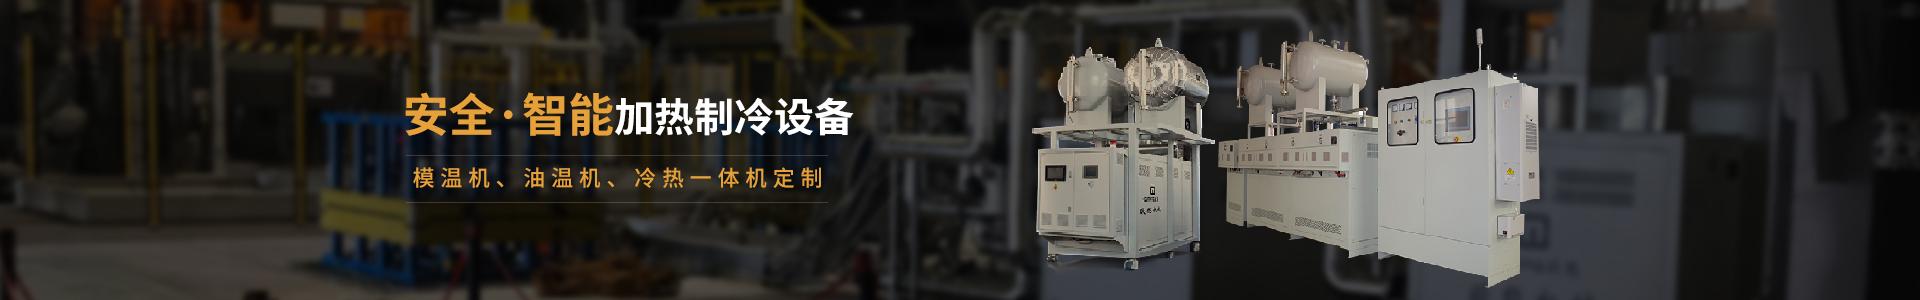 安全智能模温机研发生产,模温机、油温机、冷热一体机定制